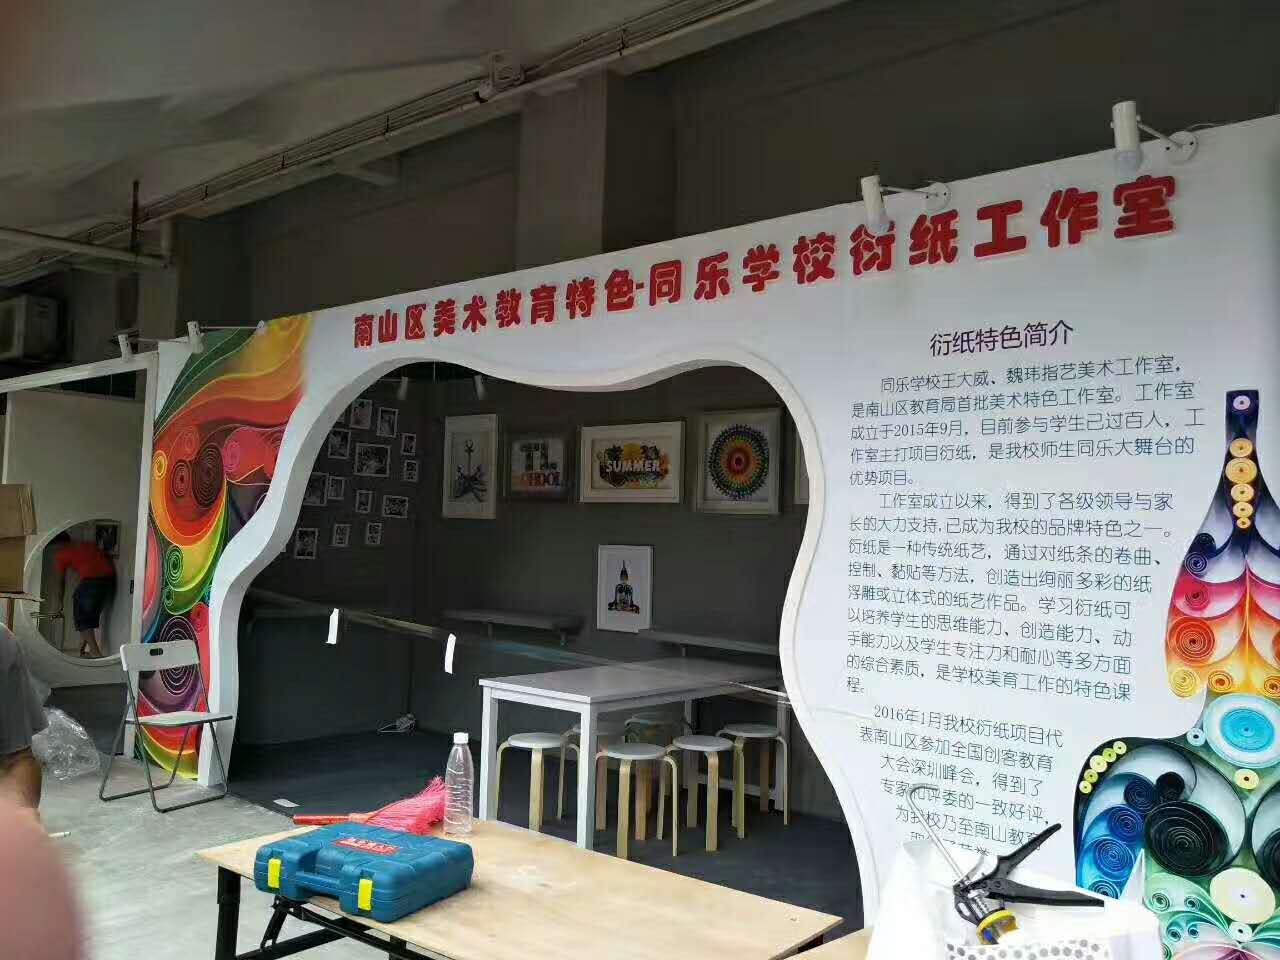 同乐学校工作室——工作室展示厅设计装修